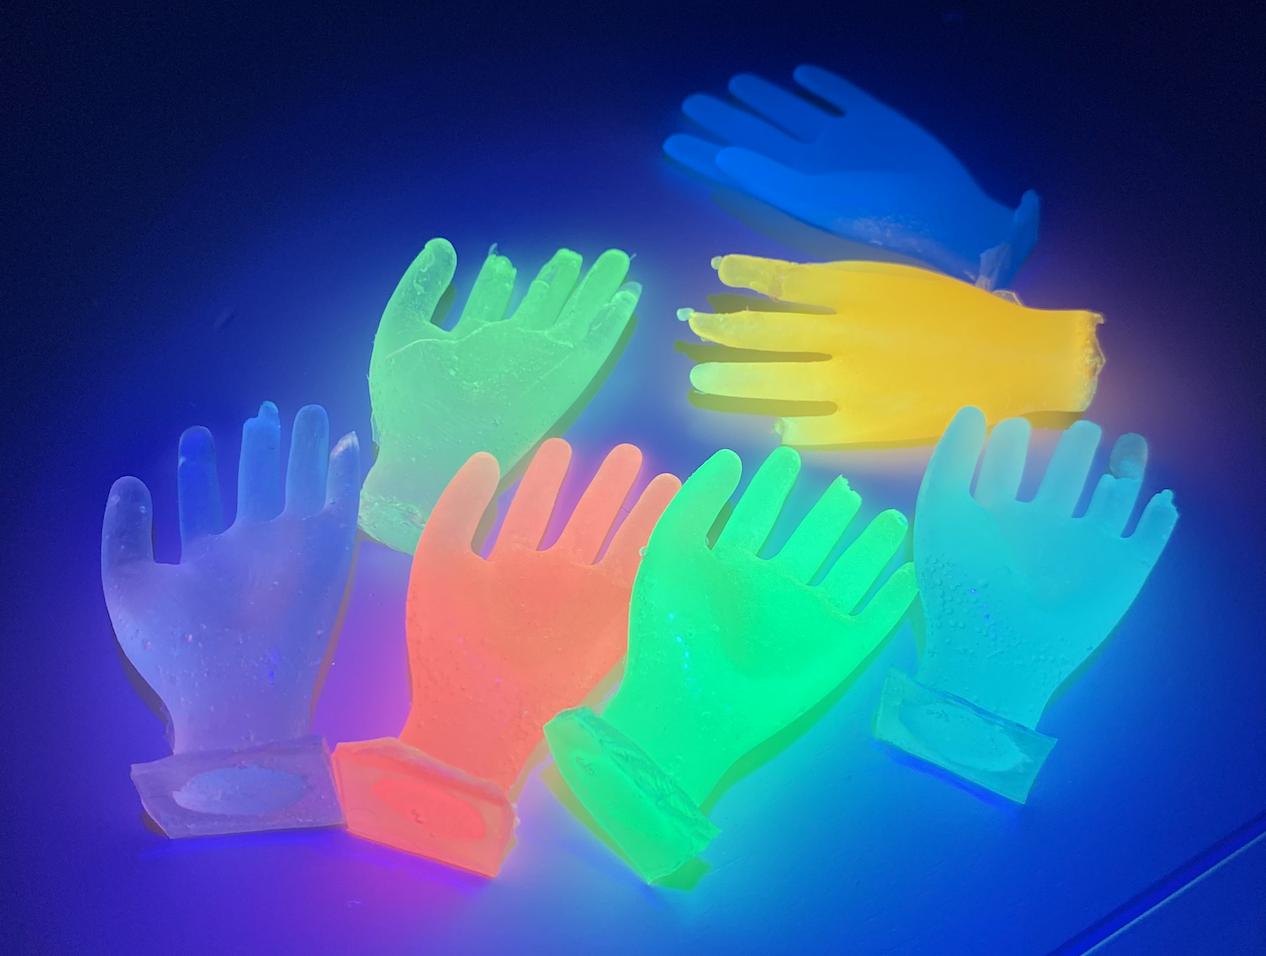 Many fluorescent epoxy hands lit by UVlight.